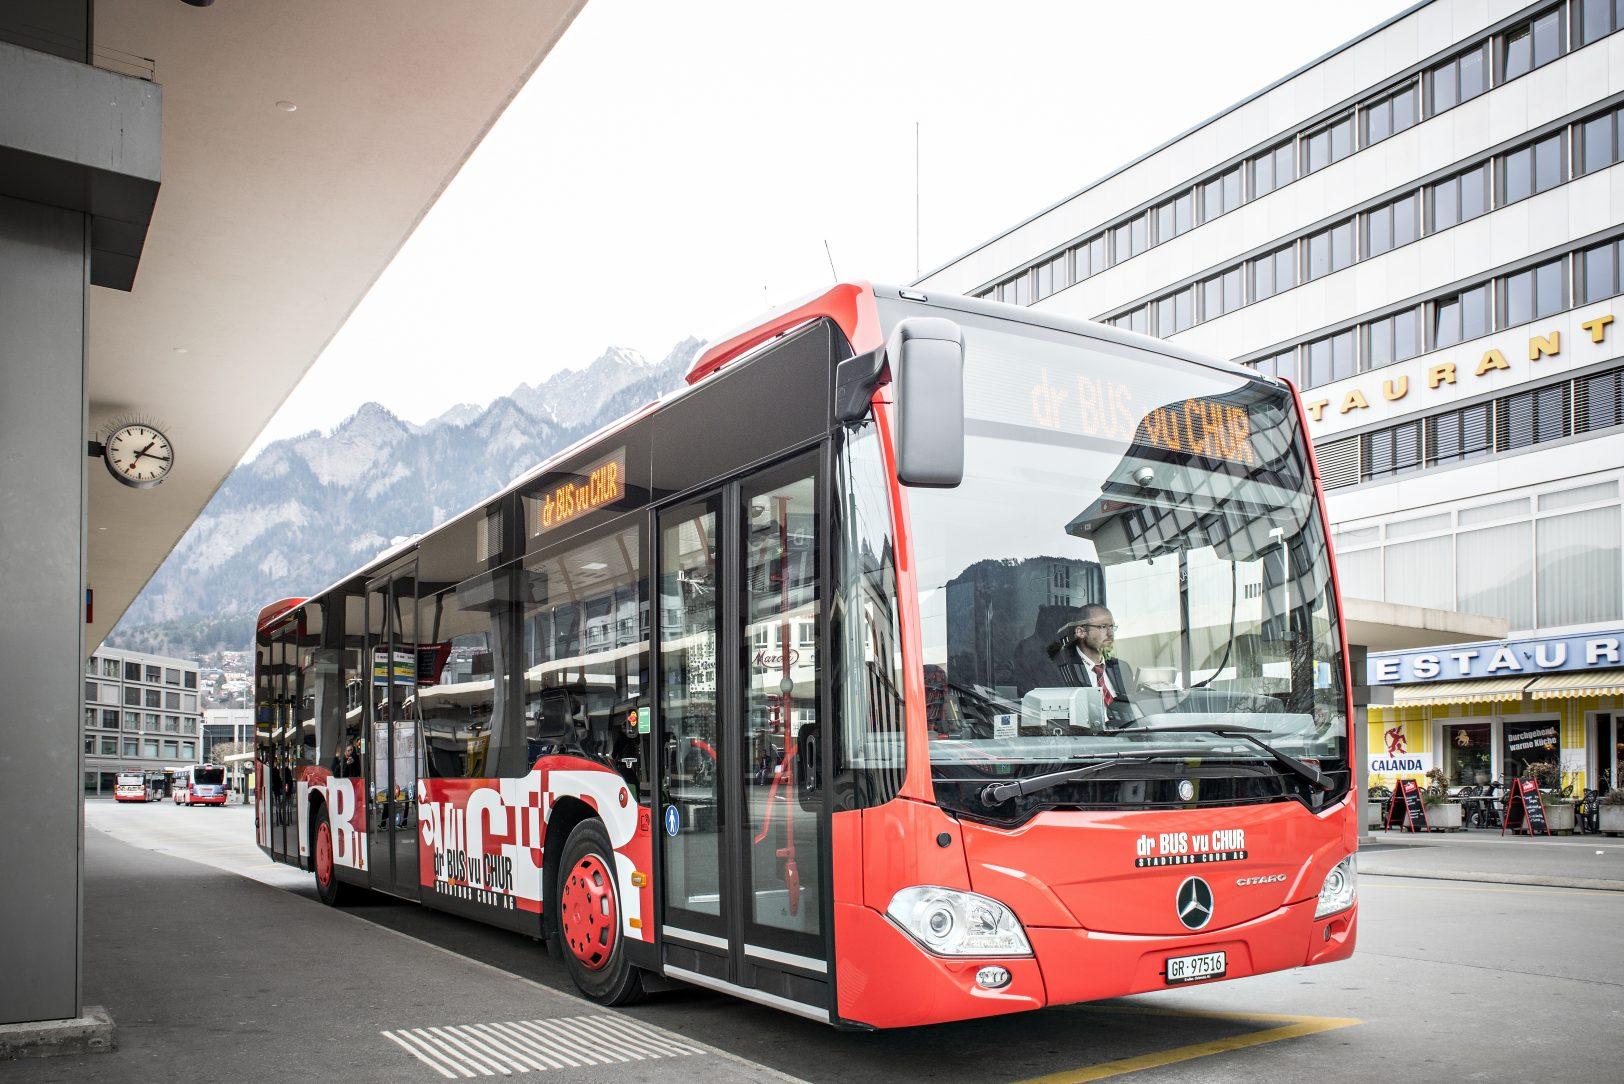 Chur Bus - Solobus